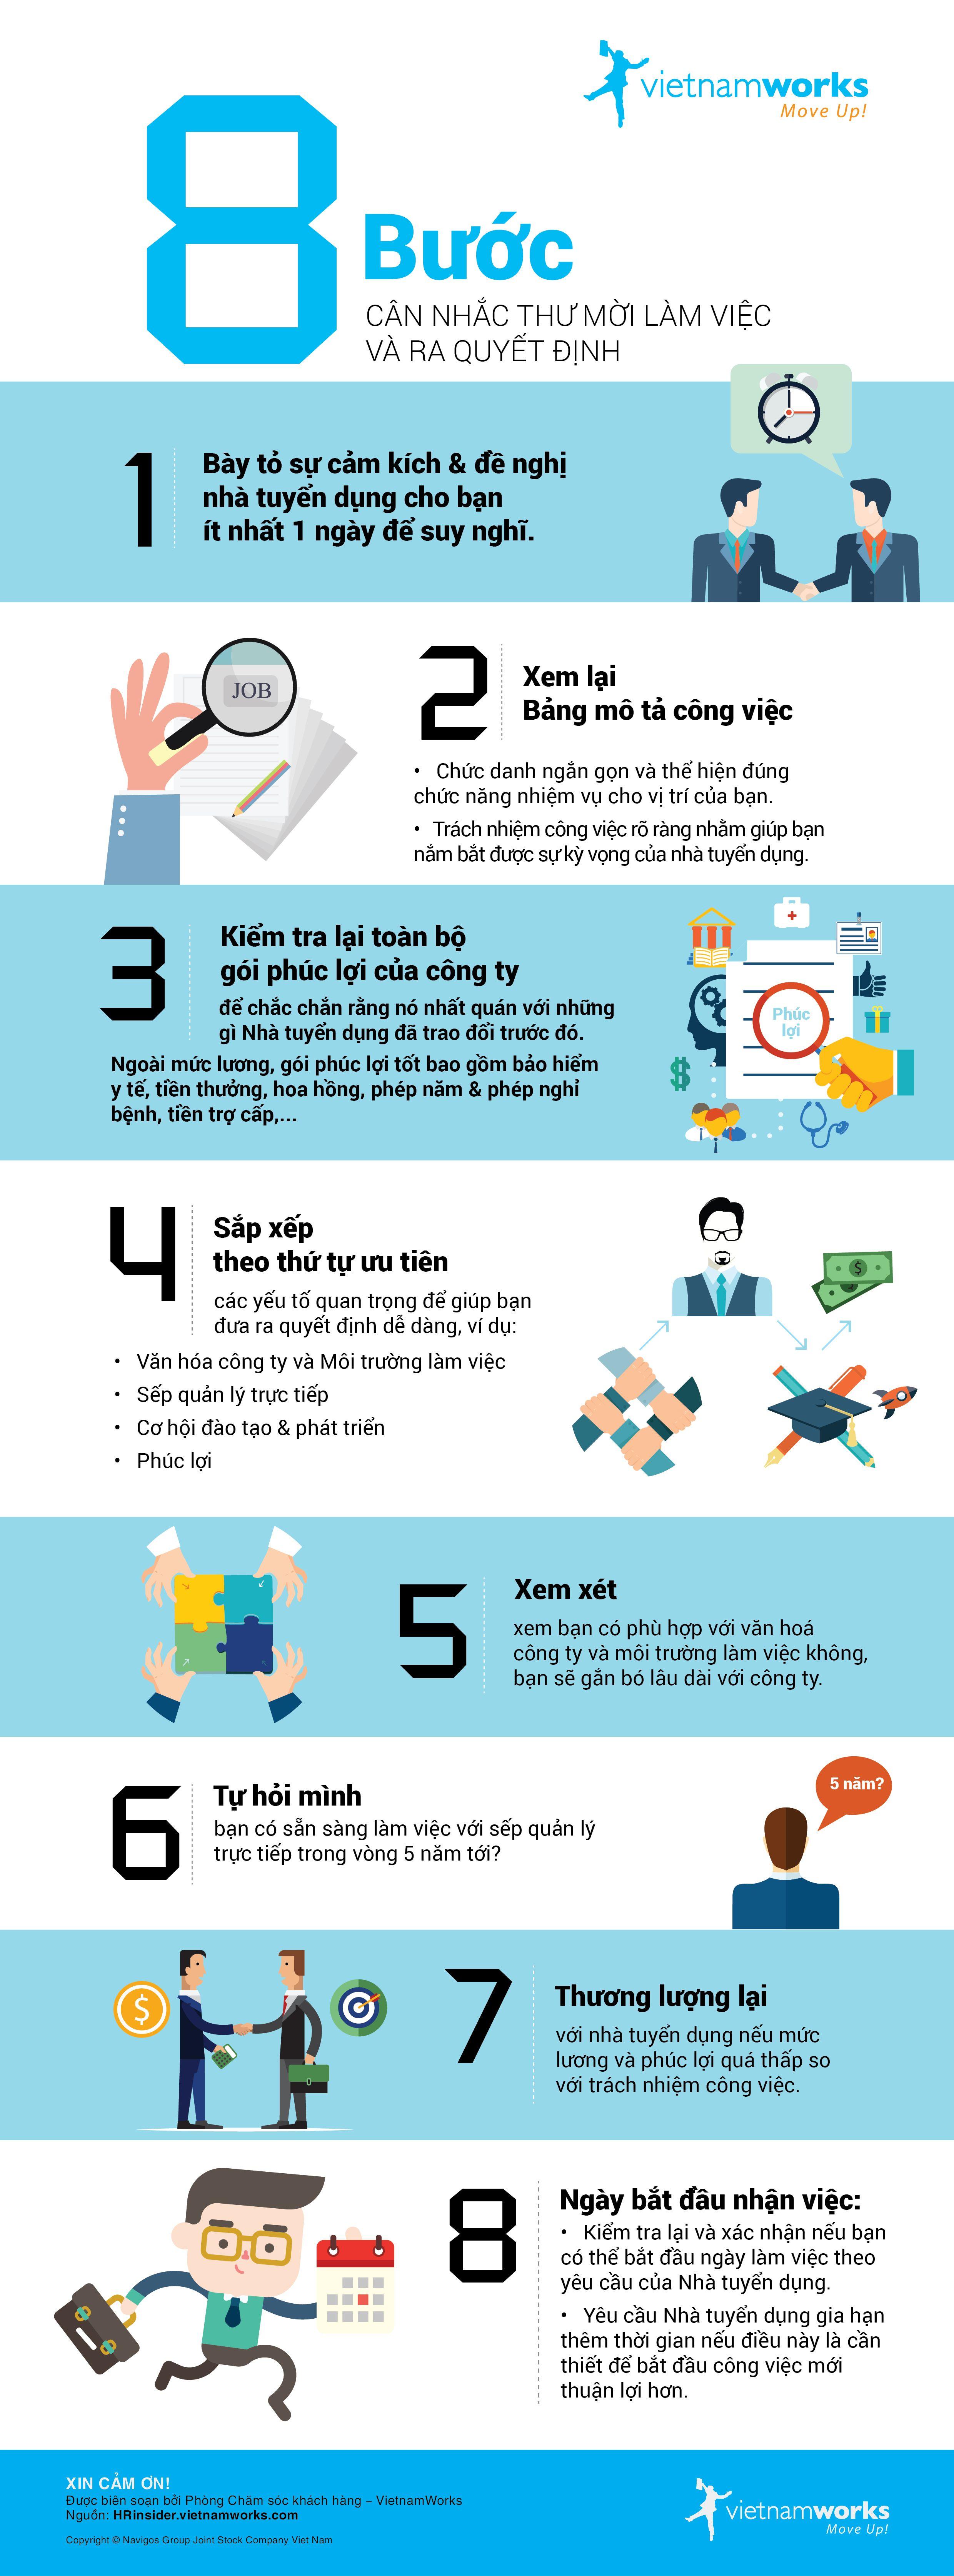 8 bước cân nhắc thư mời làm việc và ra quyết định HR